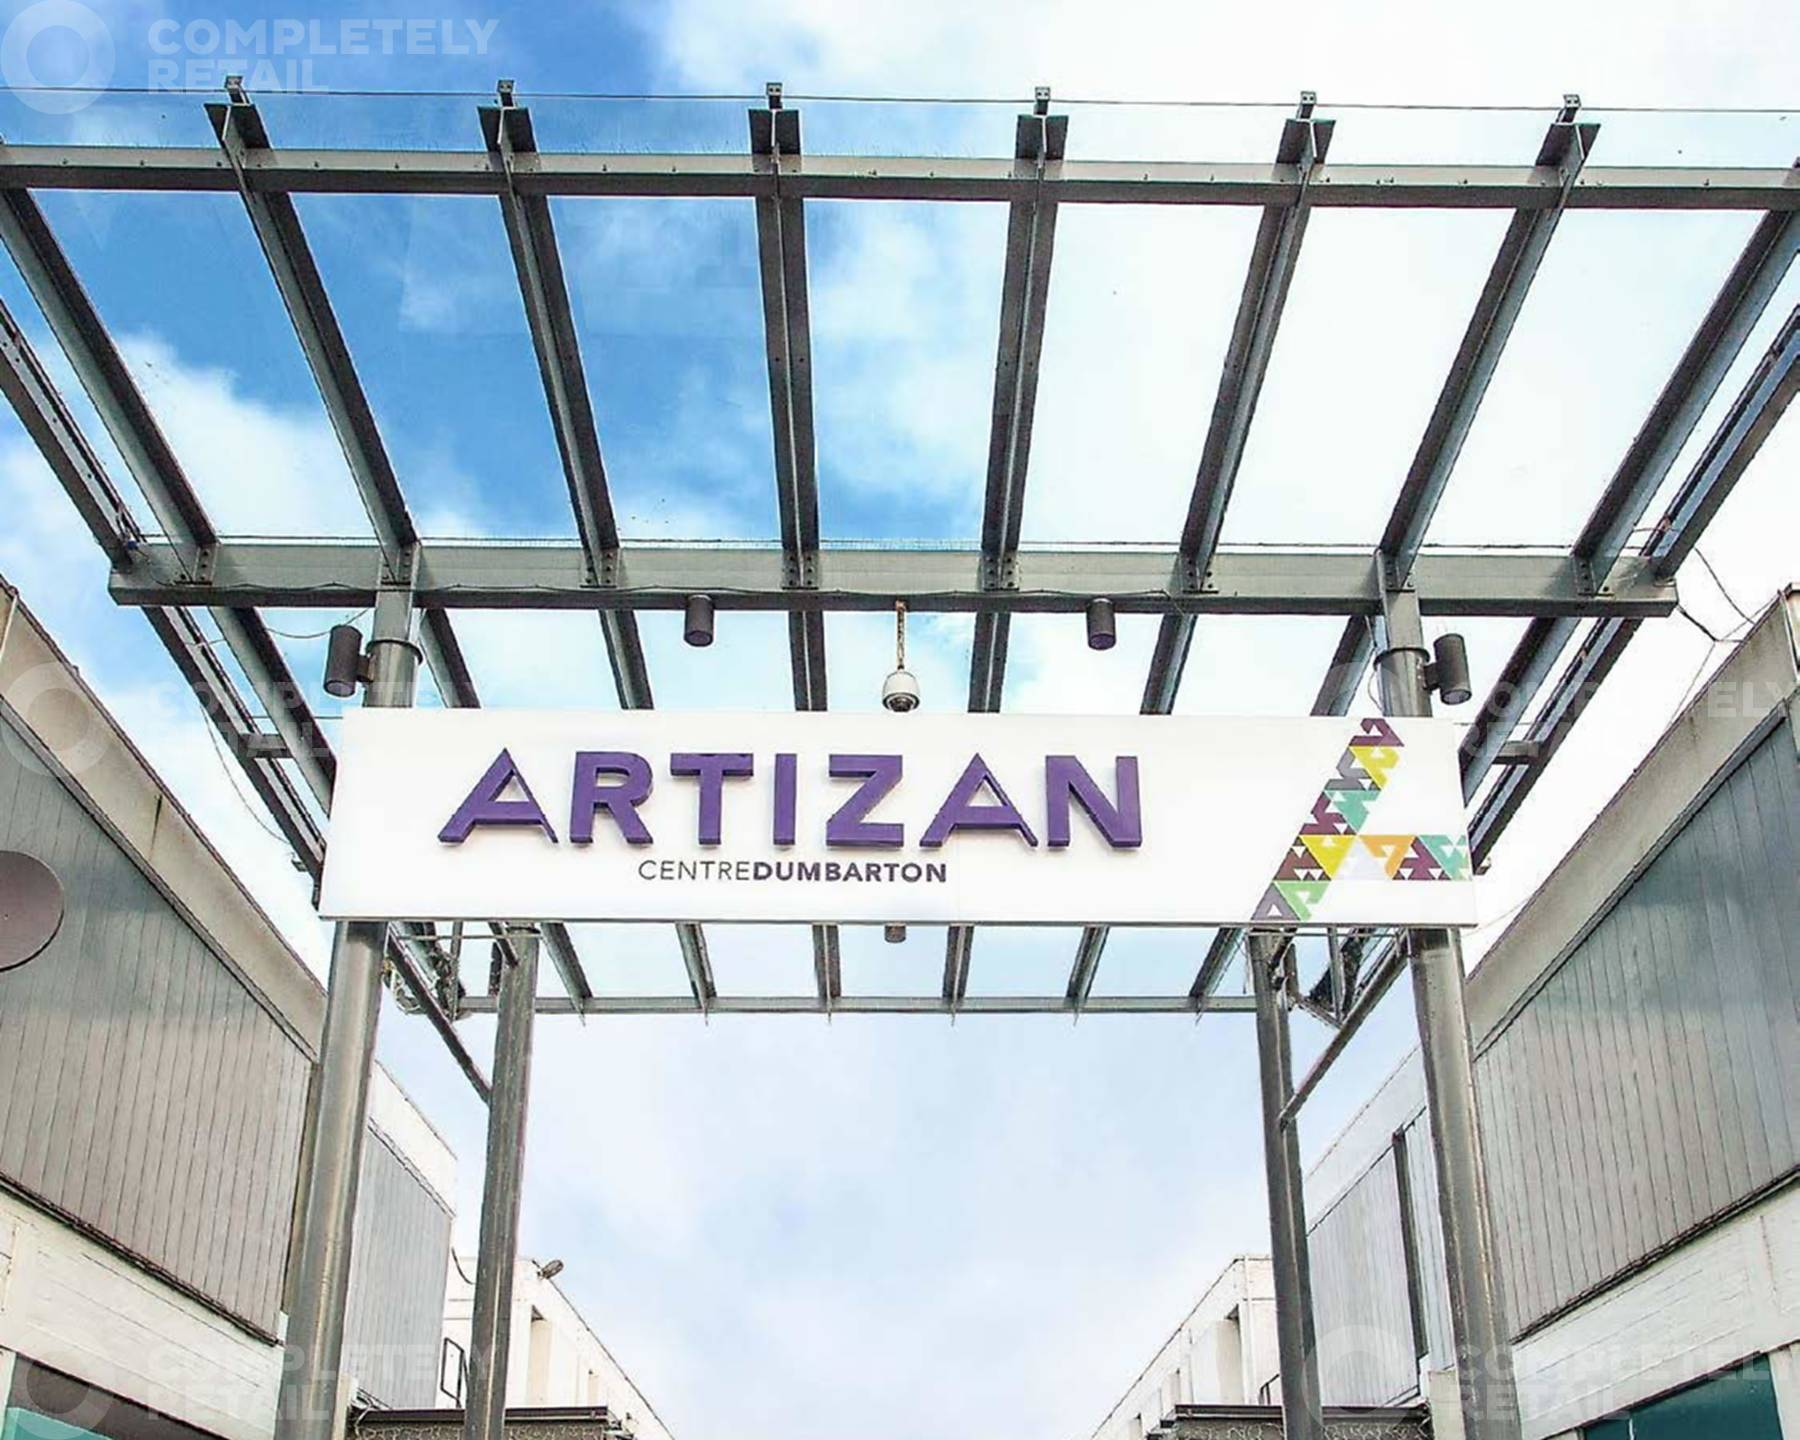 Artizan Shopping Centre